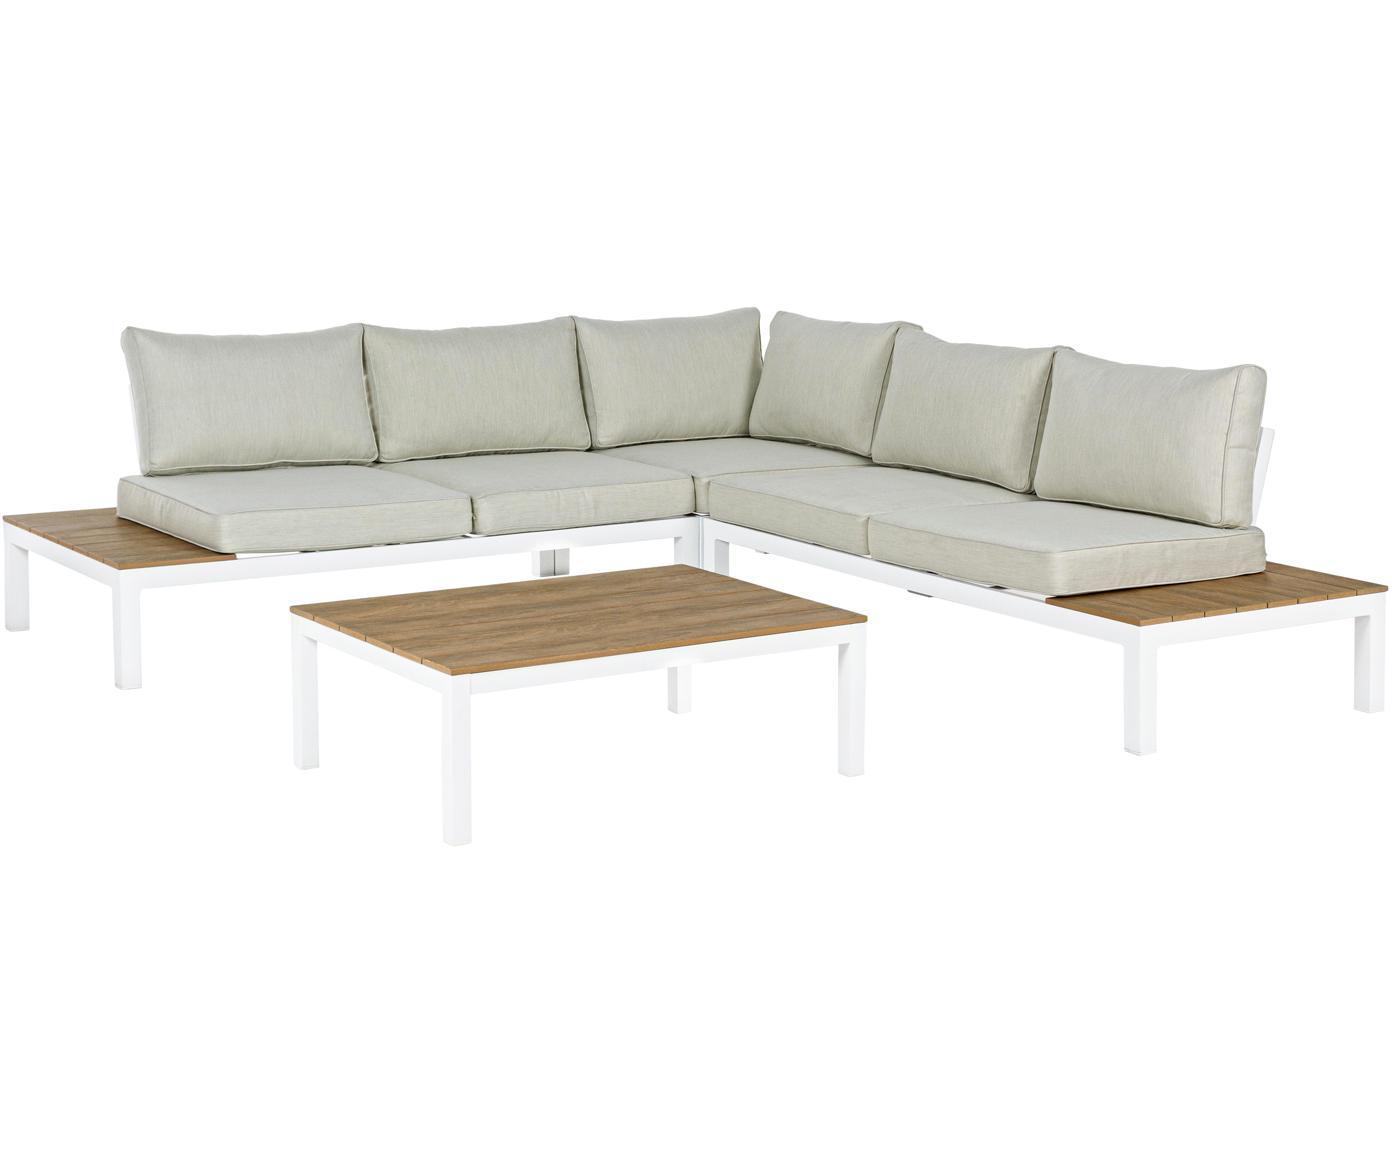 Outdoor loungeset Elias, 4-delig , Frame: gepoedercoat aluminium, Zitvlak: gecoat multiplex, Wit, teakhoutkleurig, beige, Verschillende formaten